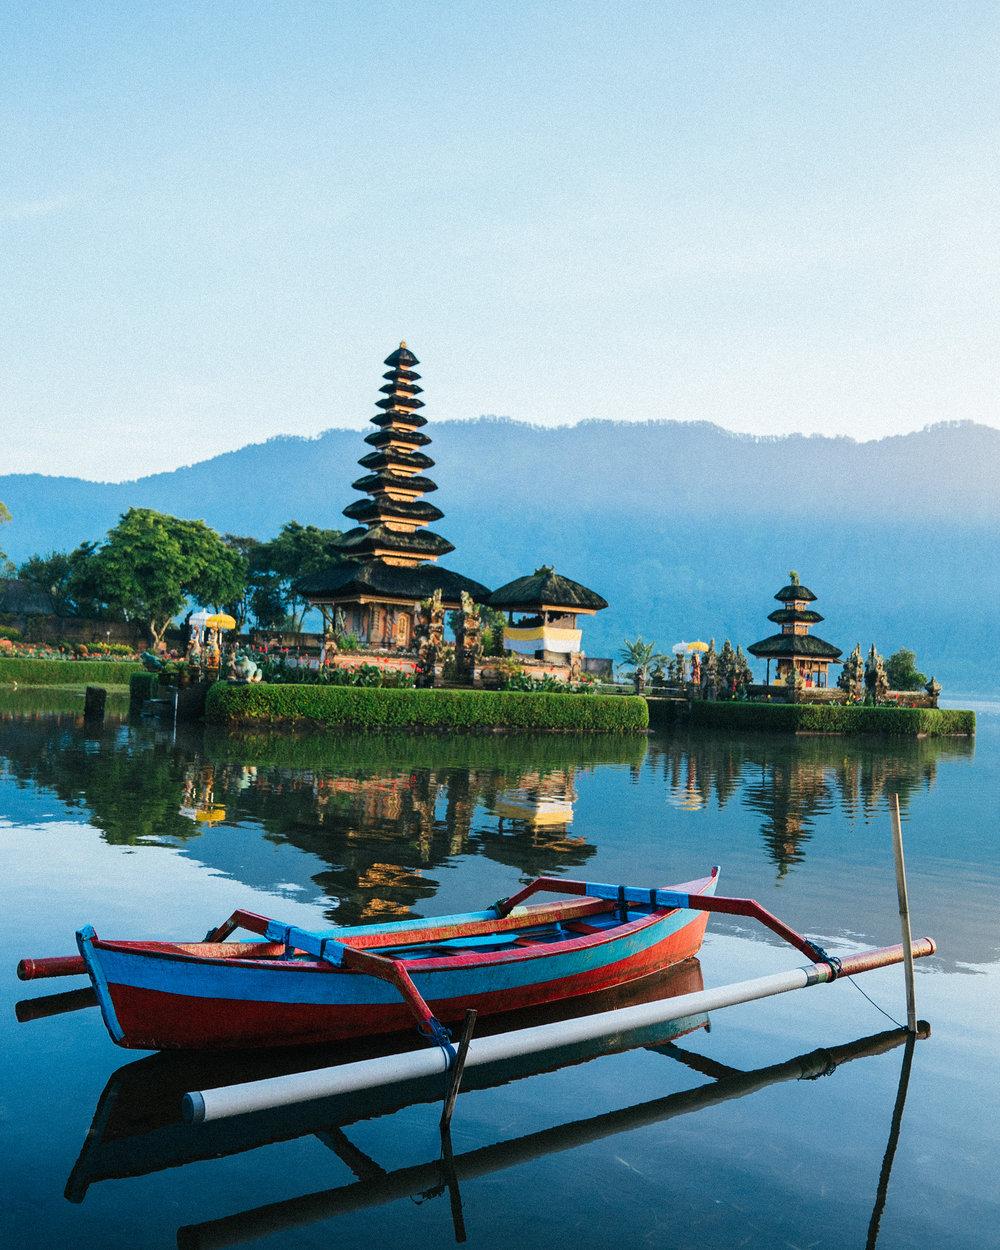 Ulun Danu Bratan, Bali, Indonesia